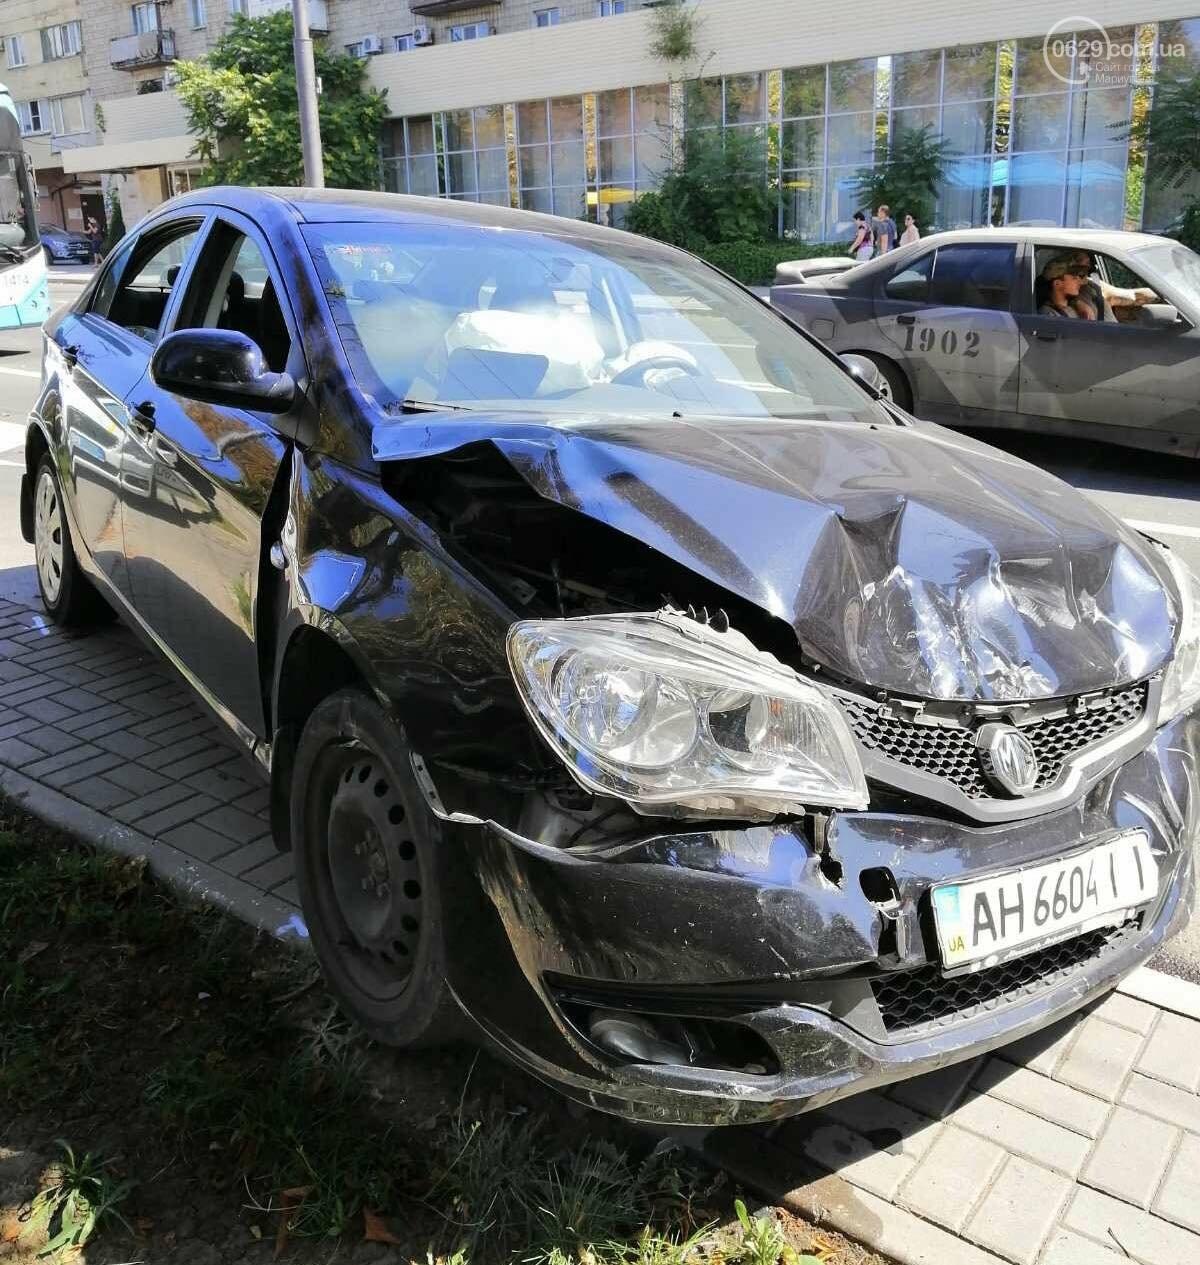 В центре Мариуполя столкнулись два автомобиля. Есть пострадавшие, - ФОТО, ВИДЕО, фото-5